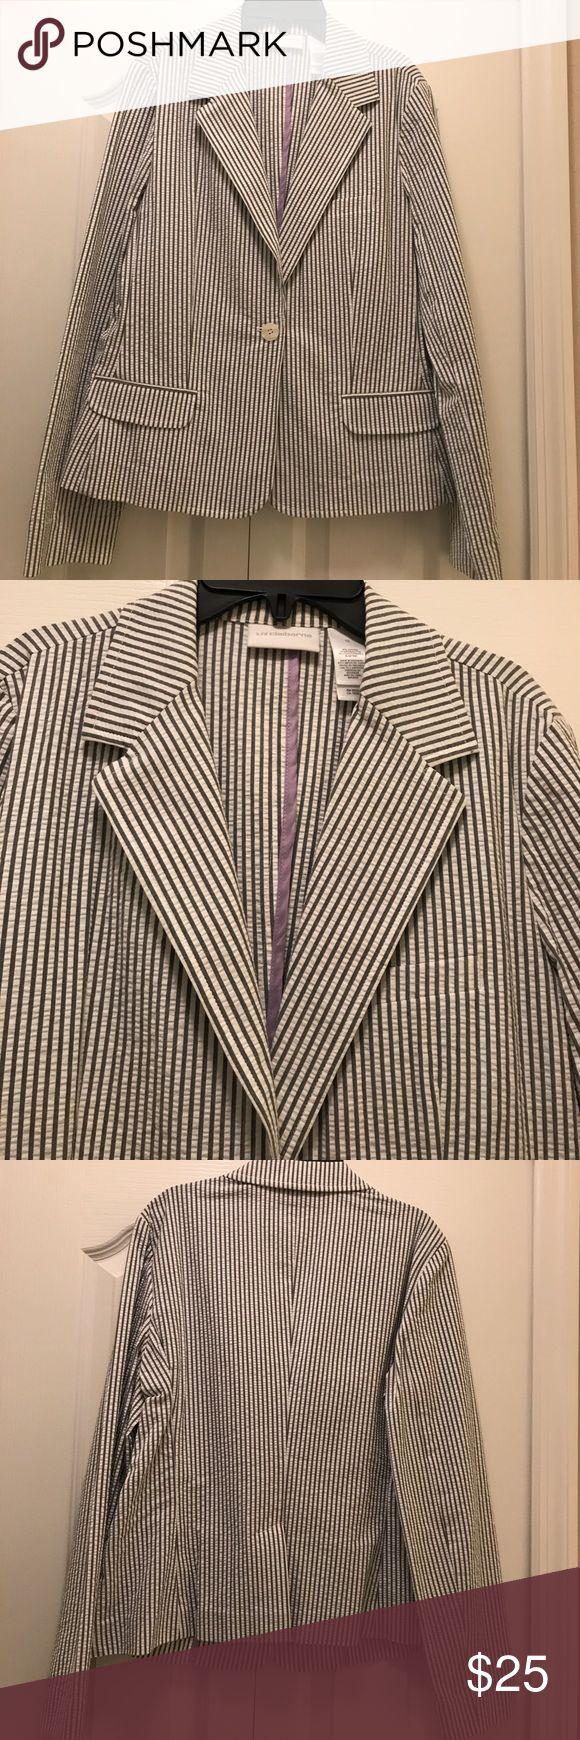 Vintage Liz Claiborne seersucker blazer Vintage Liz Claiborne seersucker blazer, never worn, in perfect condition Liz Claiborne Jackets & Coats Blazers